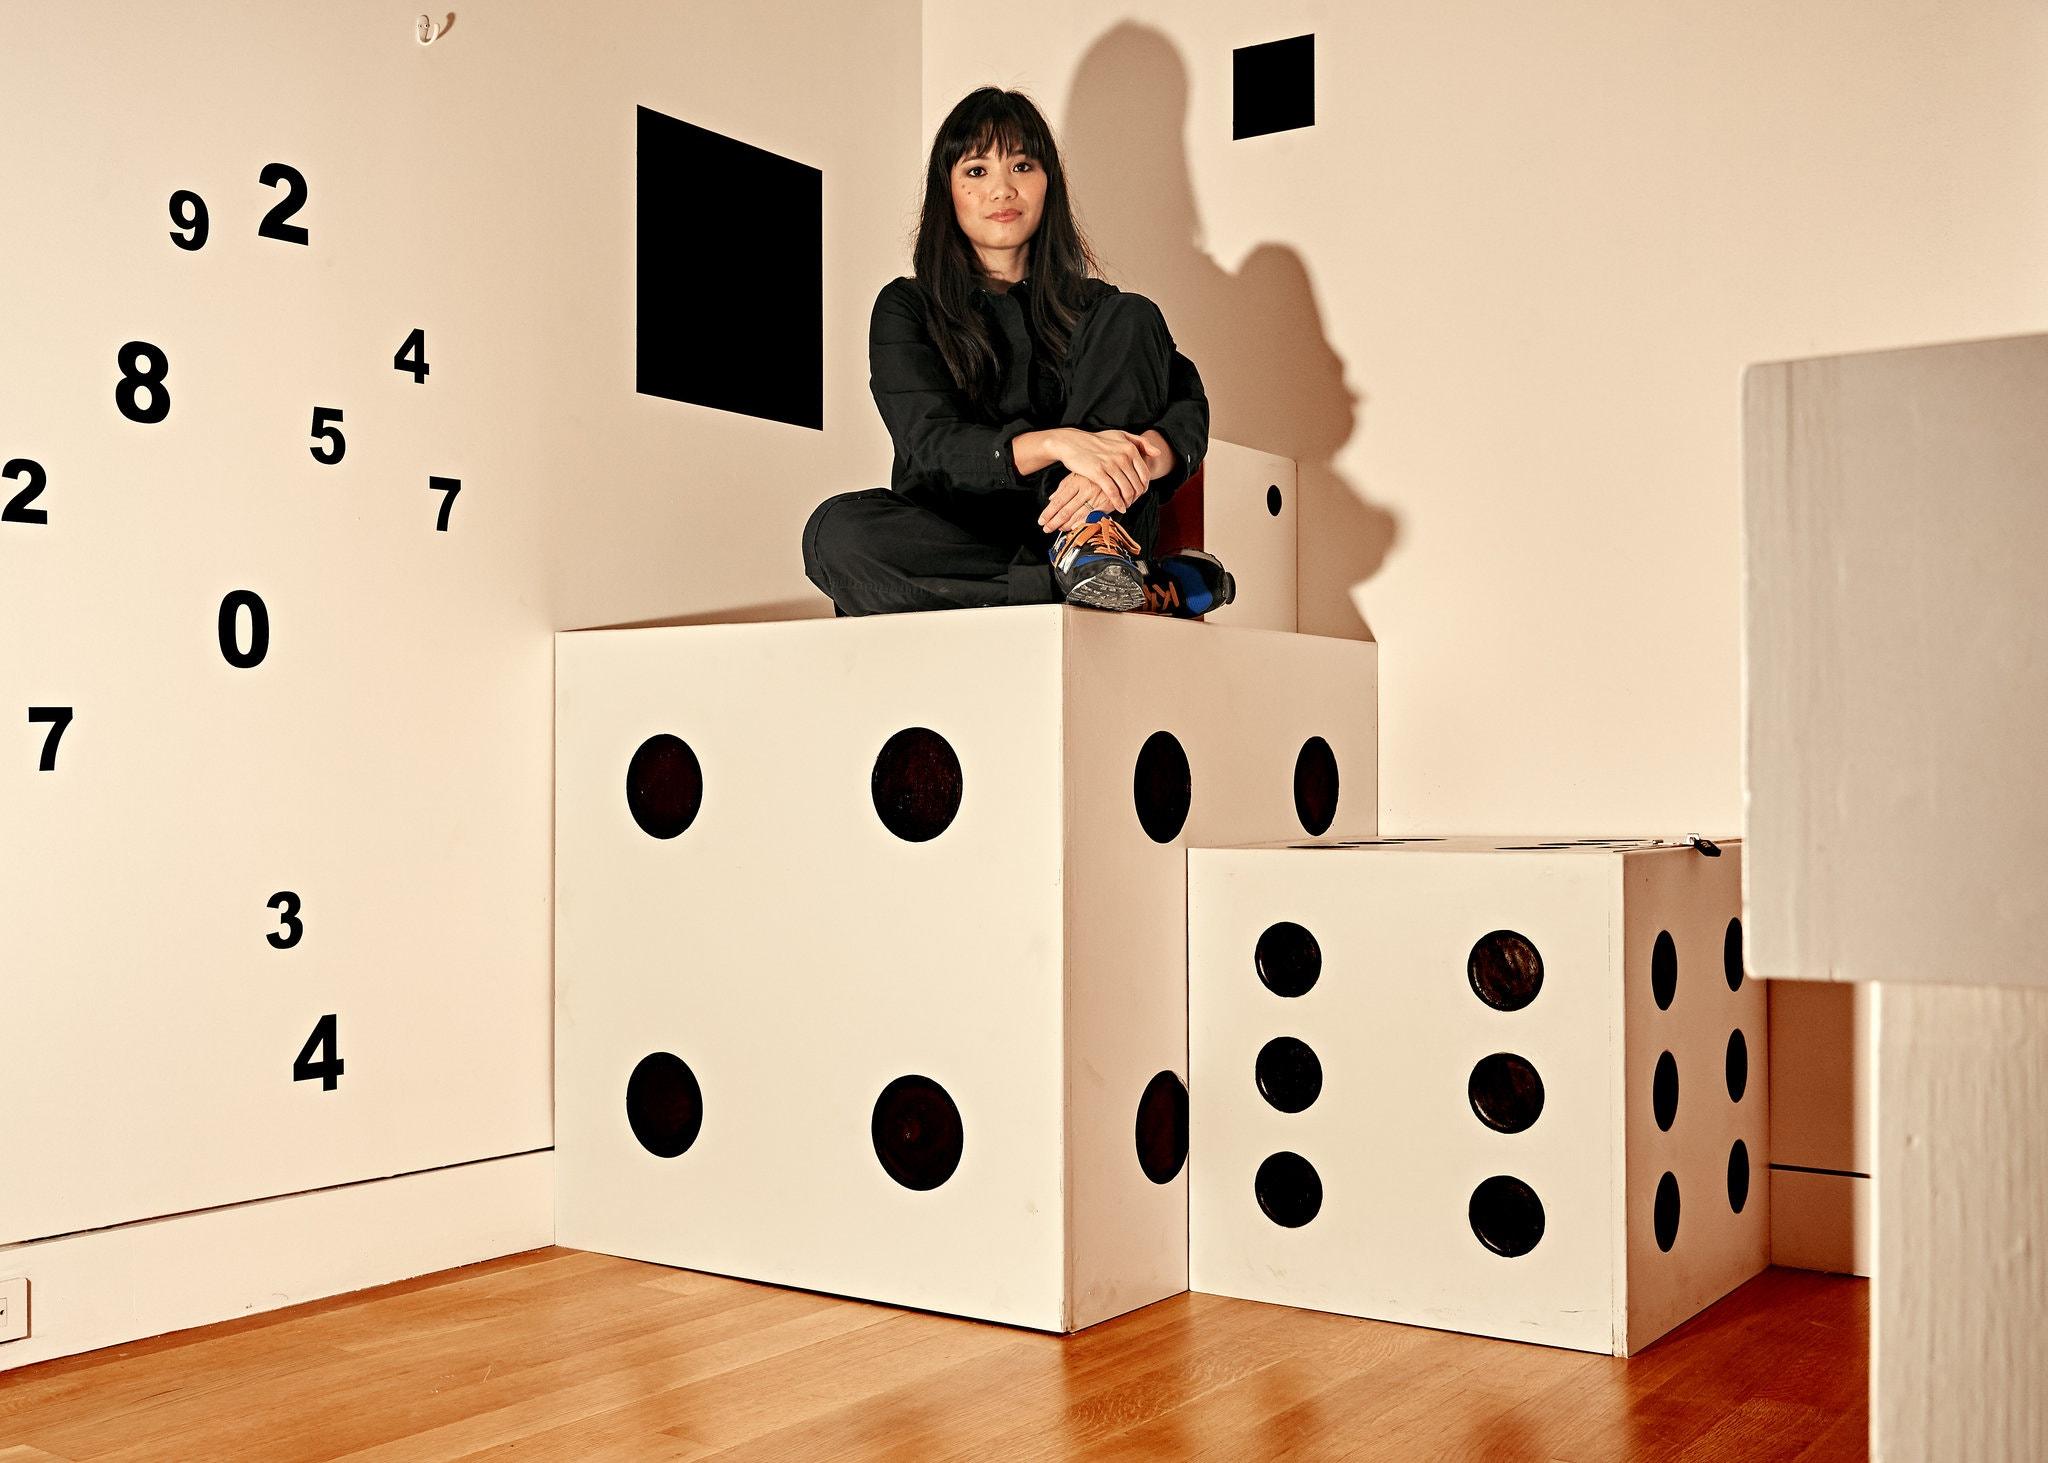 Risa Puno and Creative Time